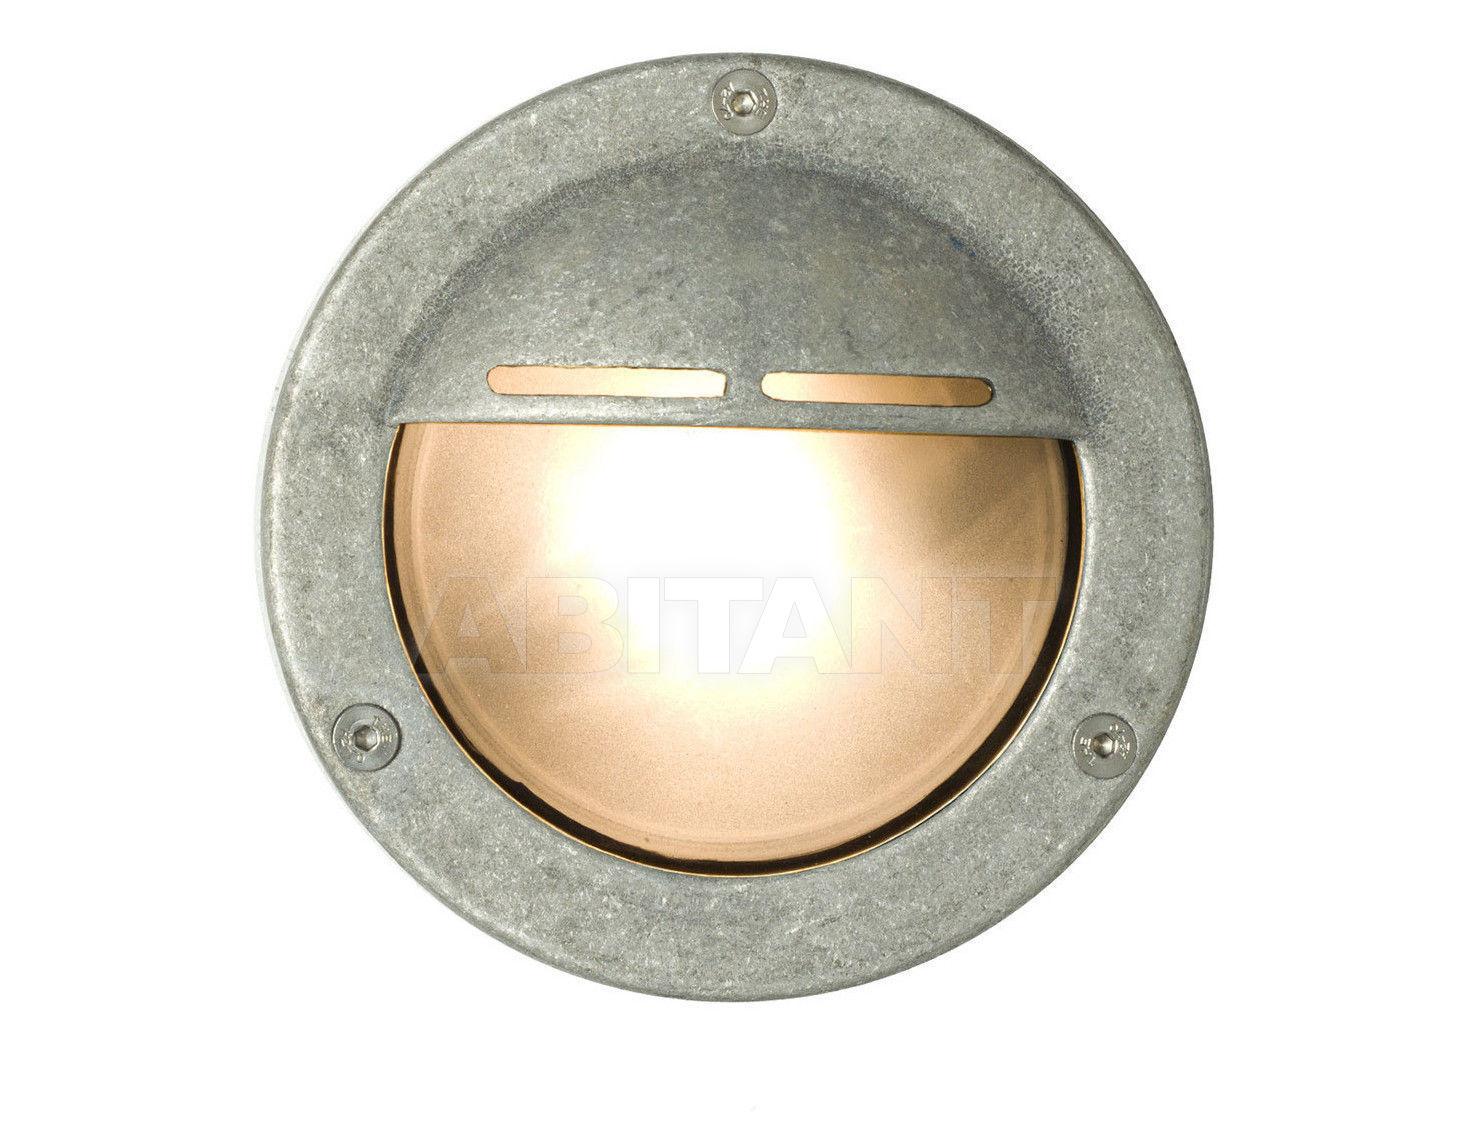 Купить Светильник Davey Lighting Bulkhead Lights 8035/AL/GX53